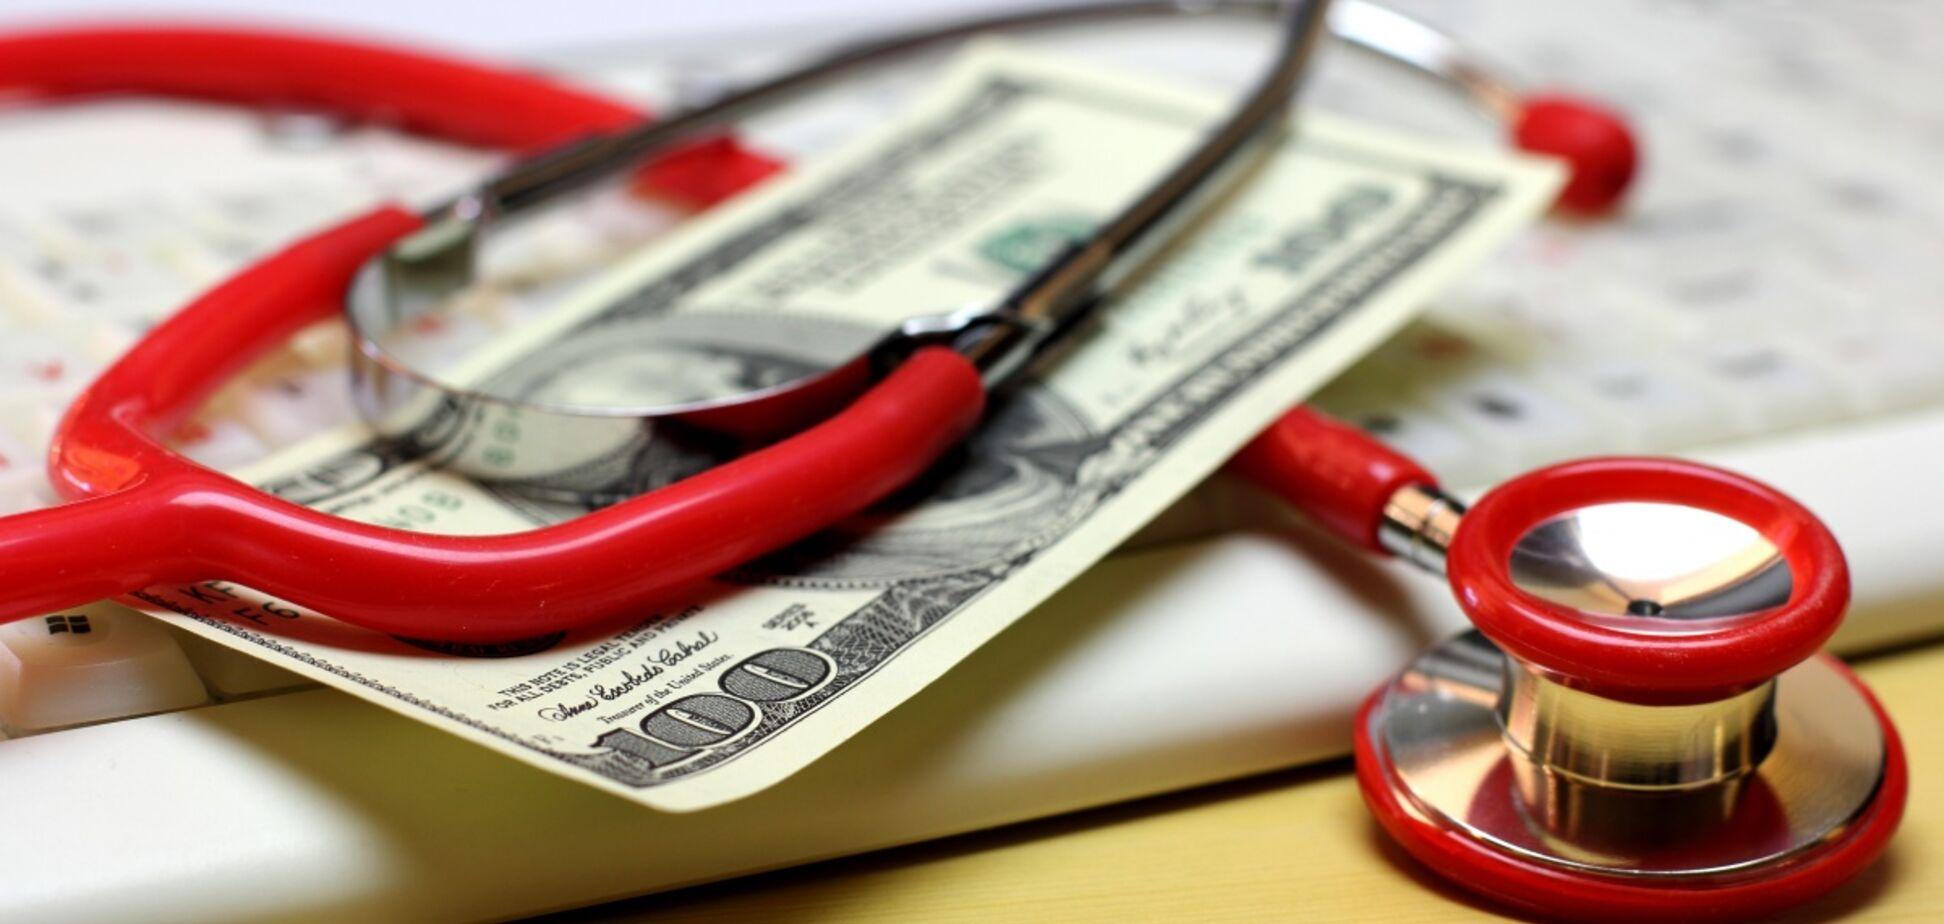 Разве это взятка платить за медицину?